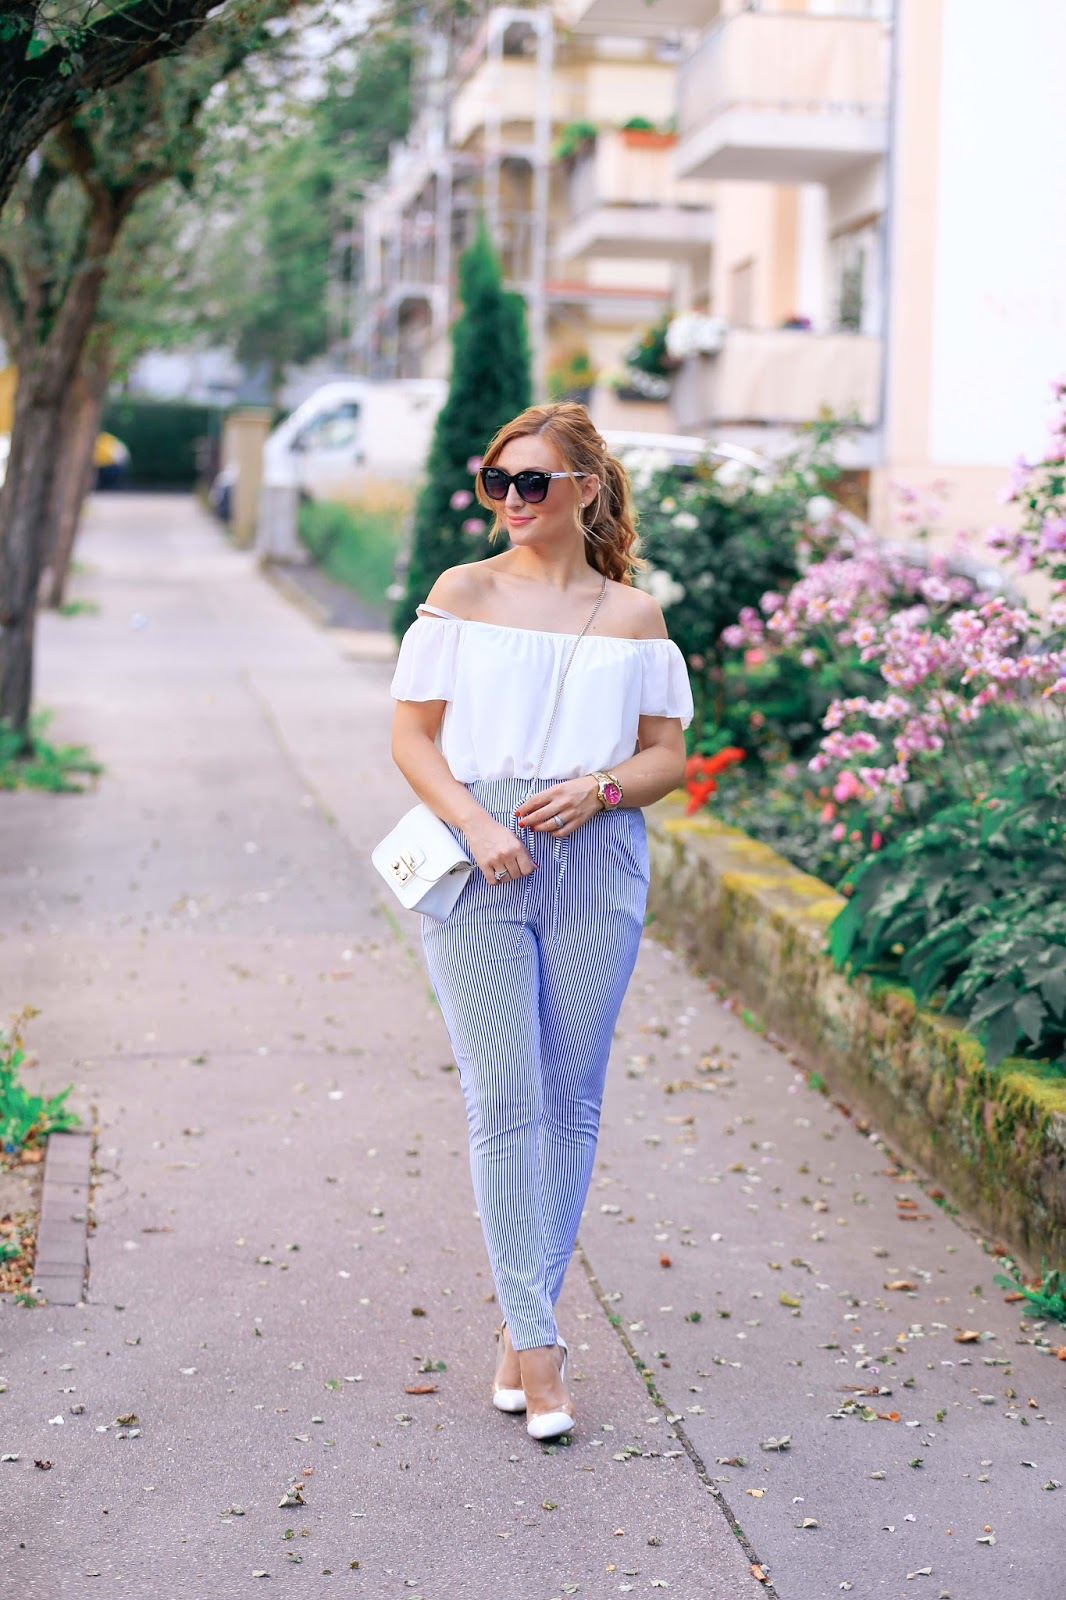 Blogger-outfit-was-ziehen-blogger-an-fashionstylebyjohanna-deutsche-fashionblogger-streifen-look